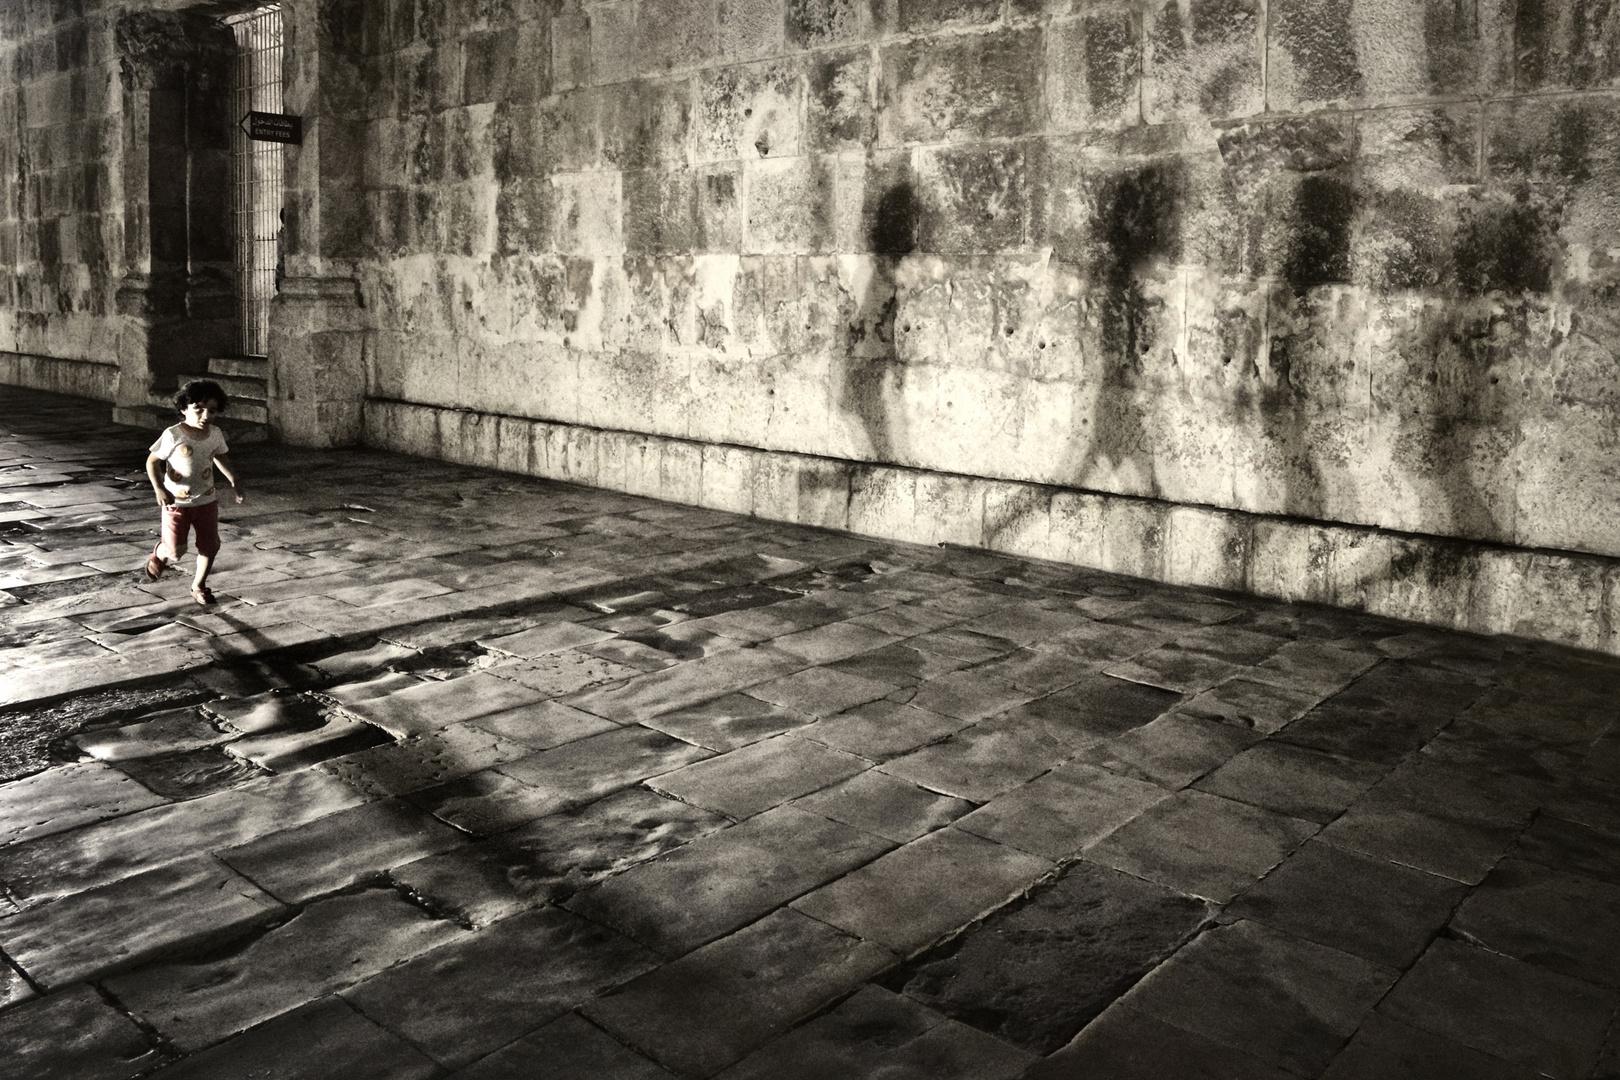 il gioco delle ombre